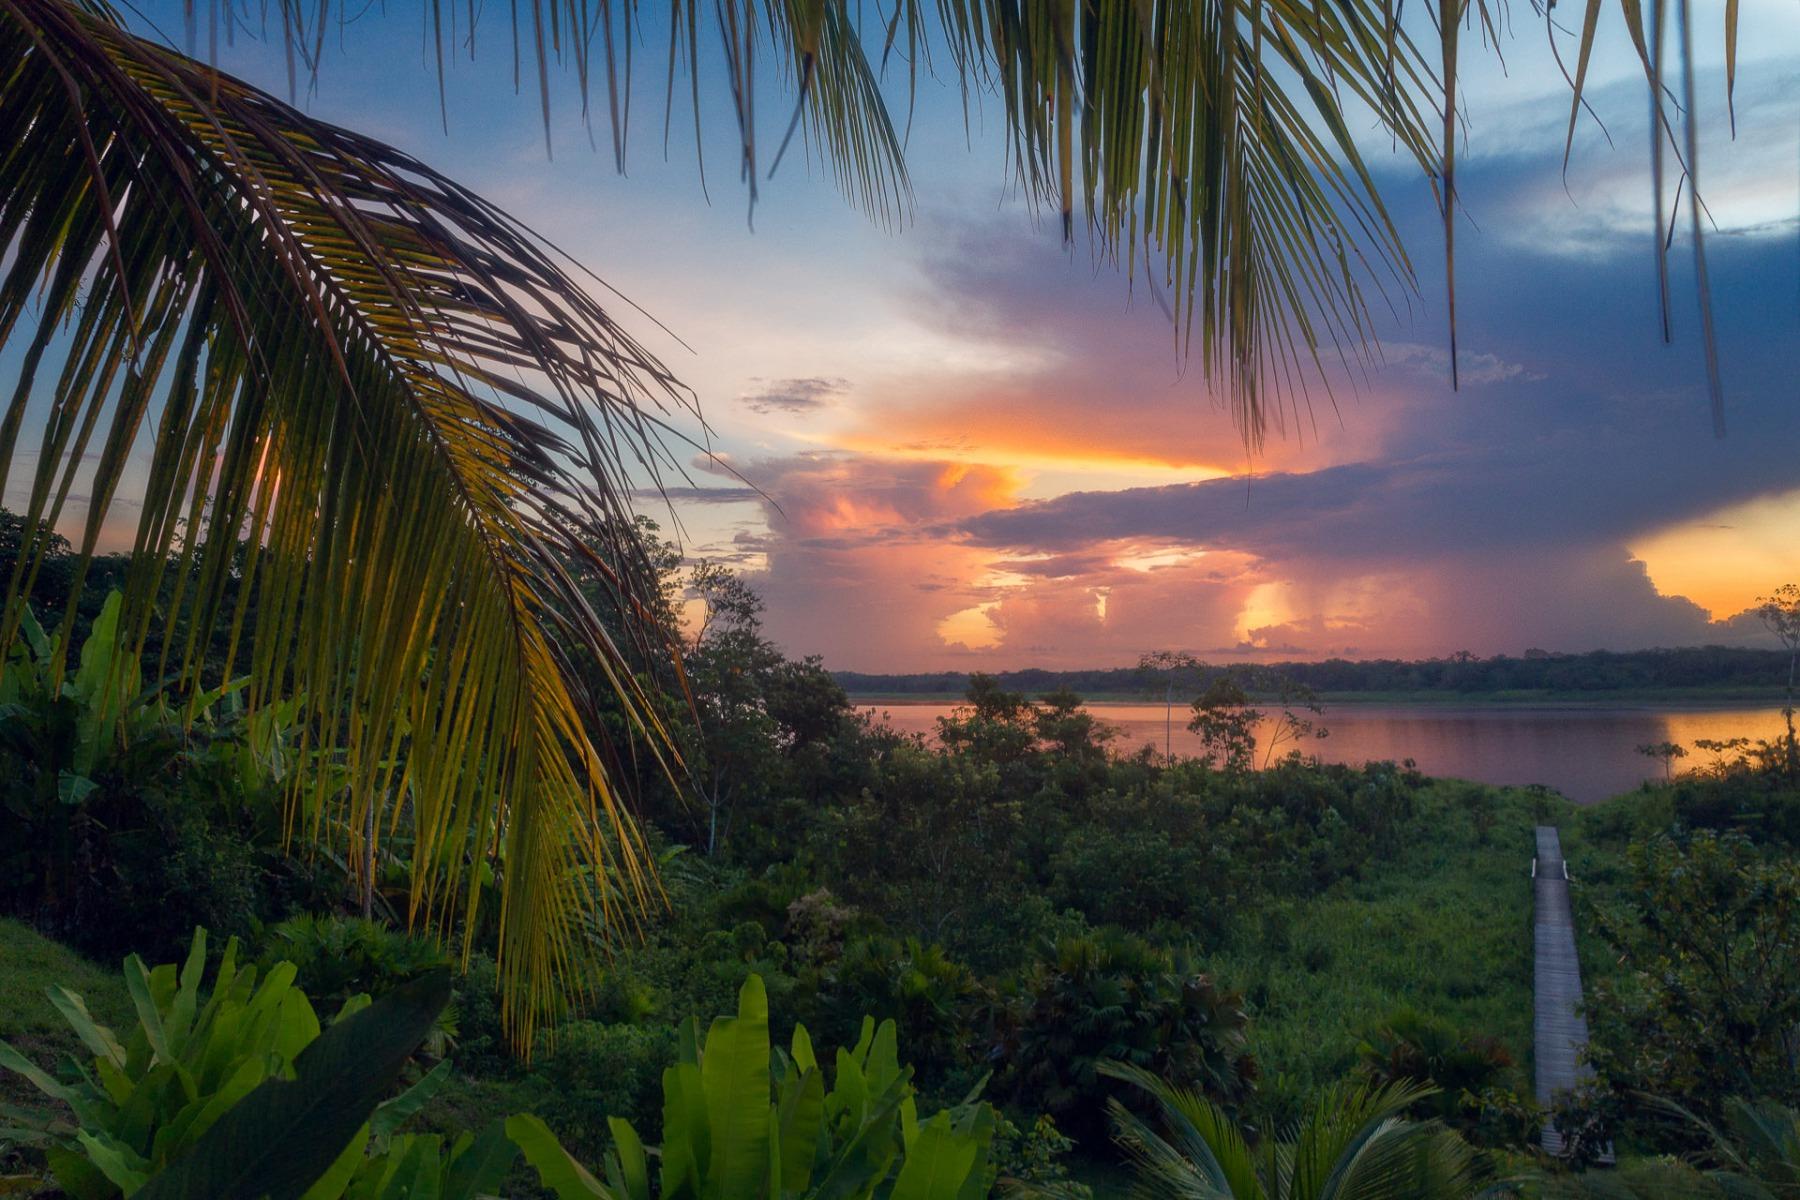 leticia amazonas colombia © Tristan Quevilly